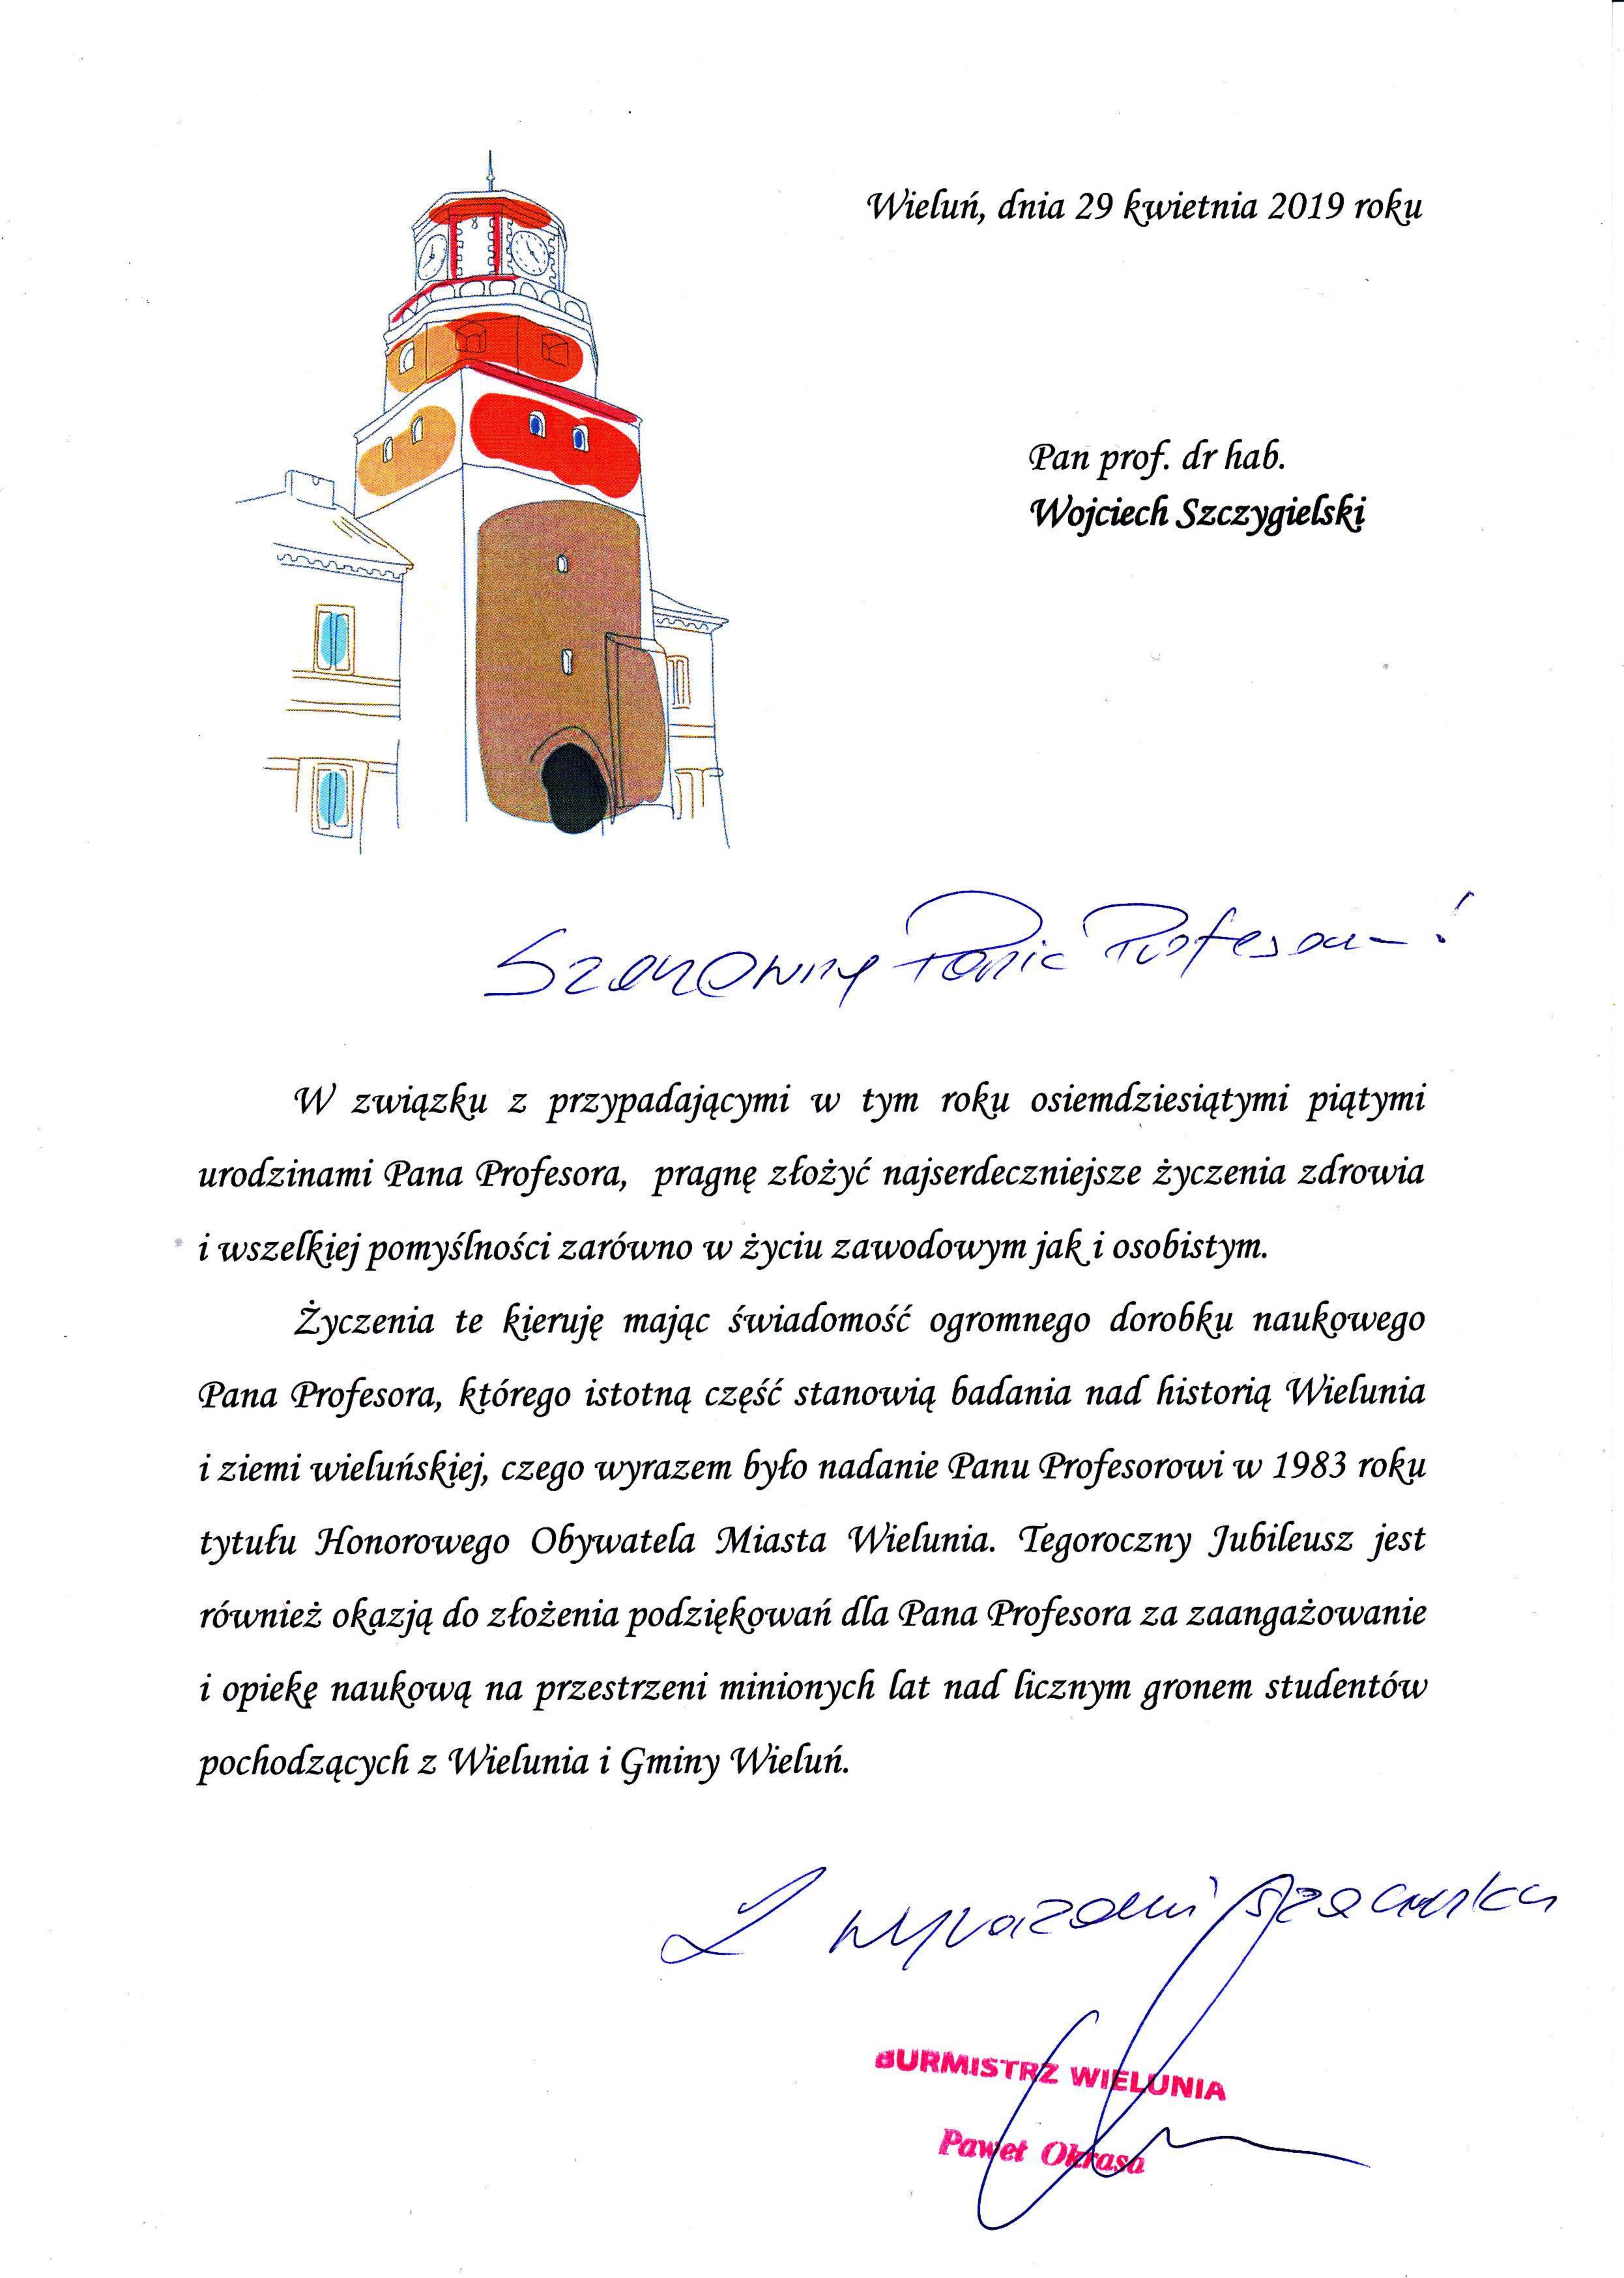 Życzenia od Pawła Okrasy (Burmistrza Wielunia). Wojciech Wiktor Szczygielski